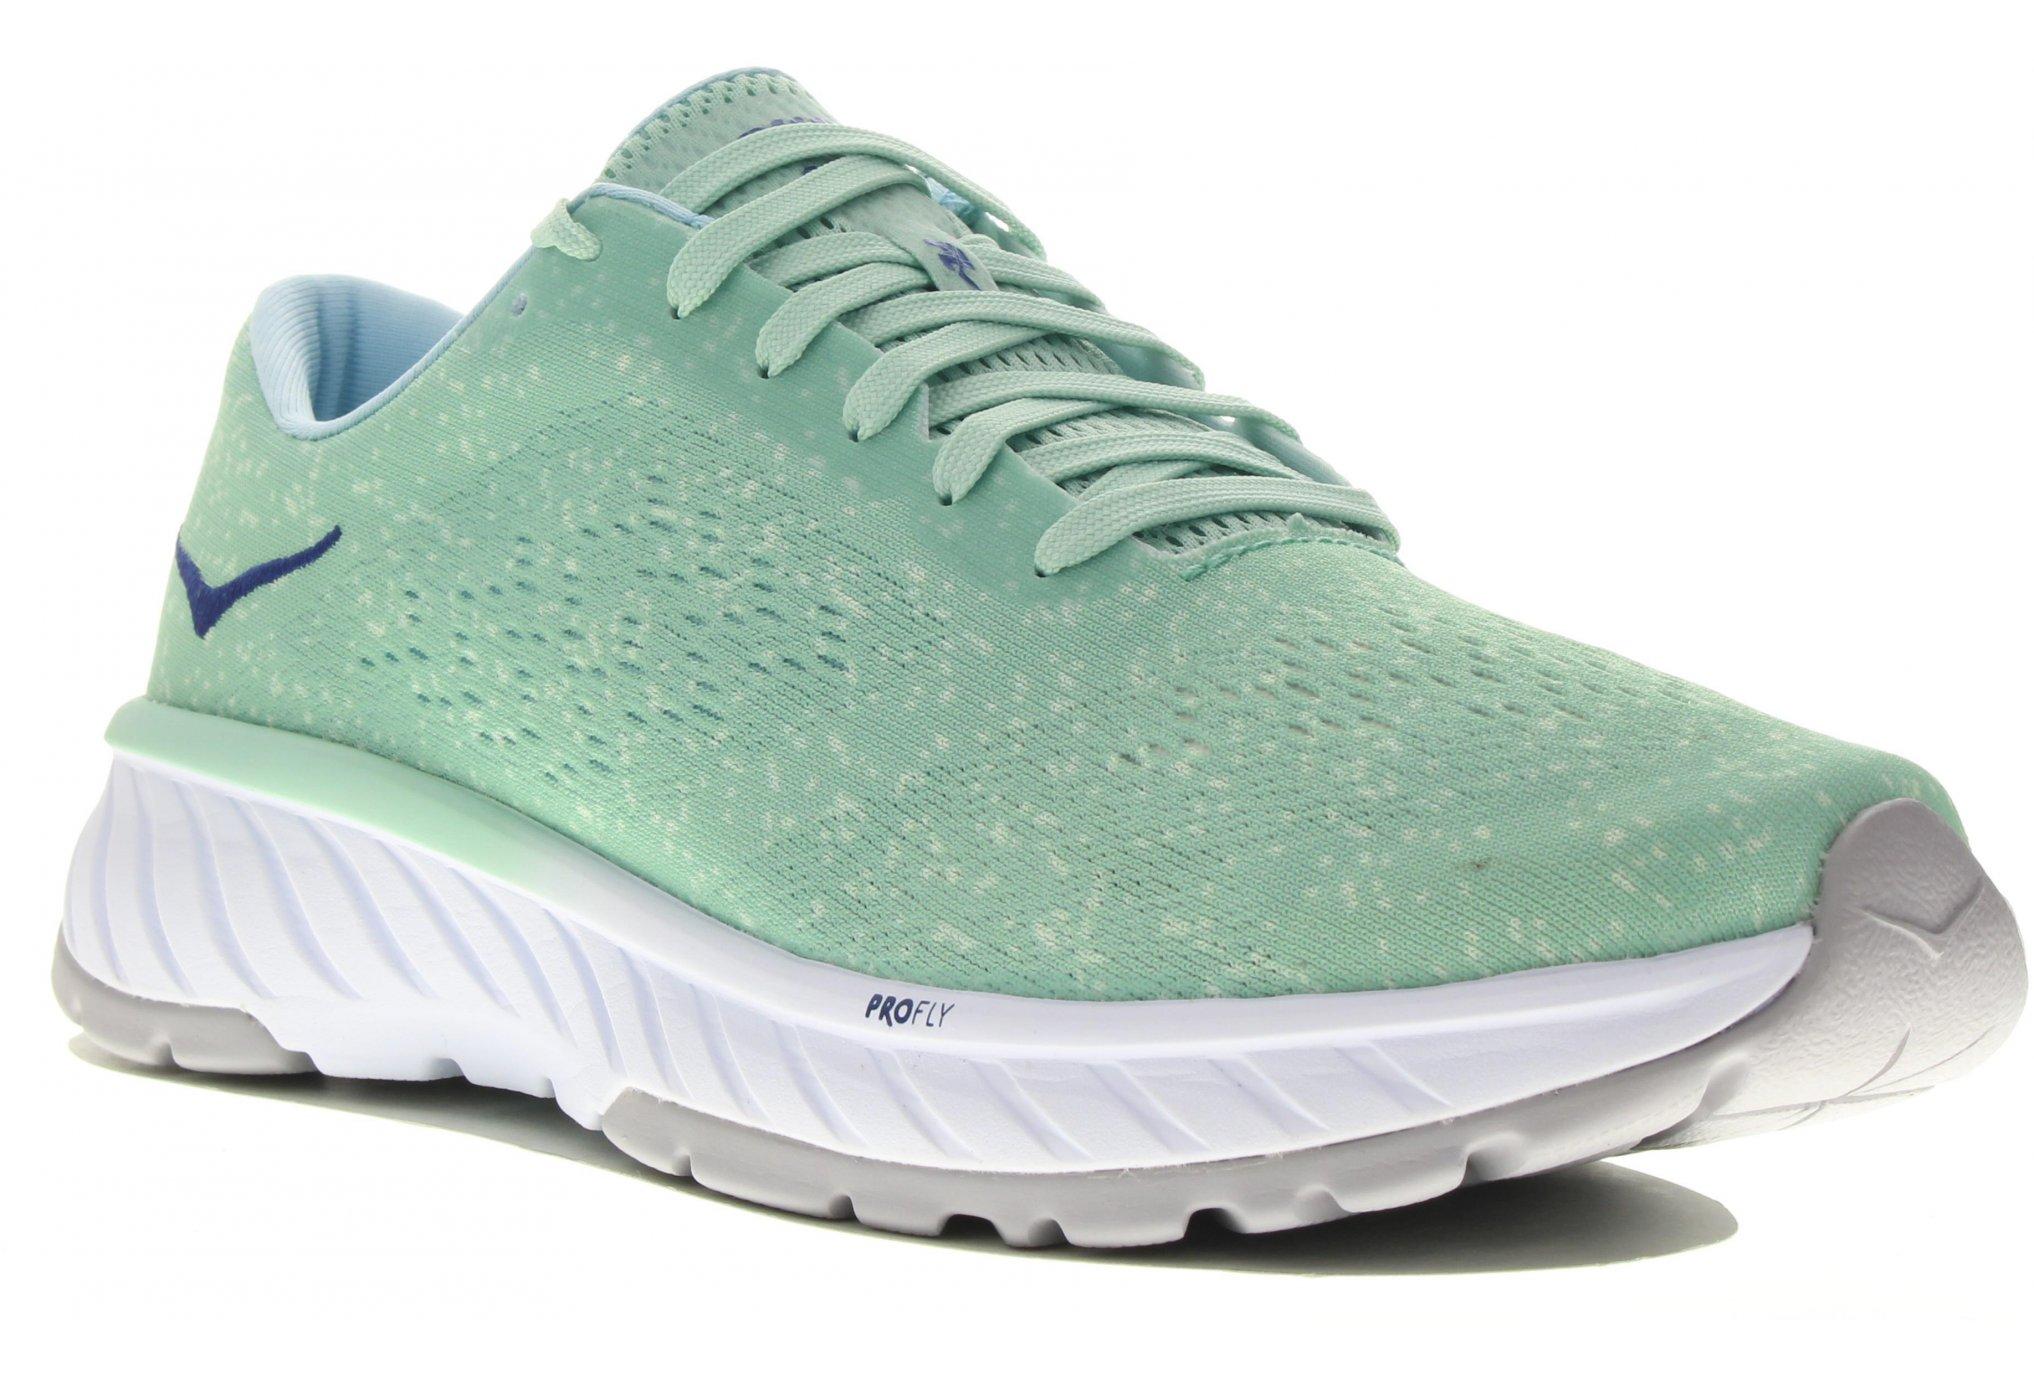 Hoka One One Cavu 2 Chaussures running femme